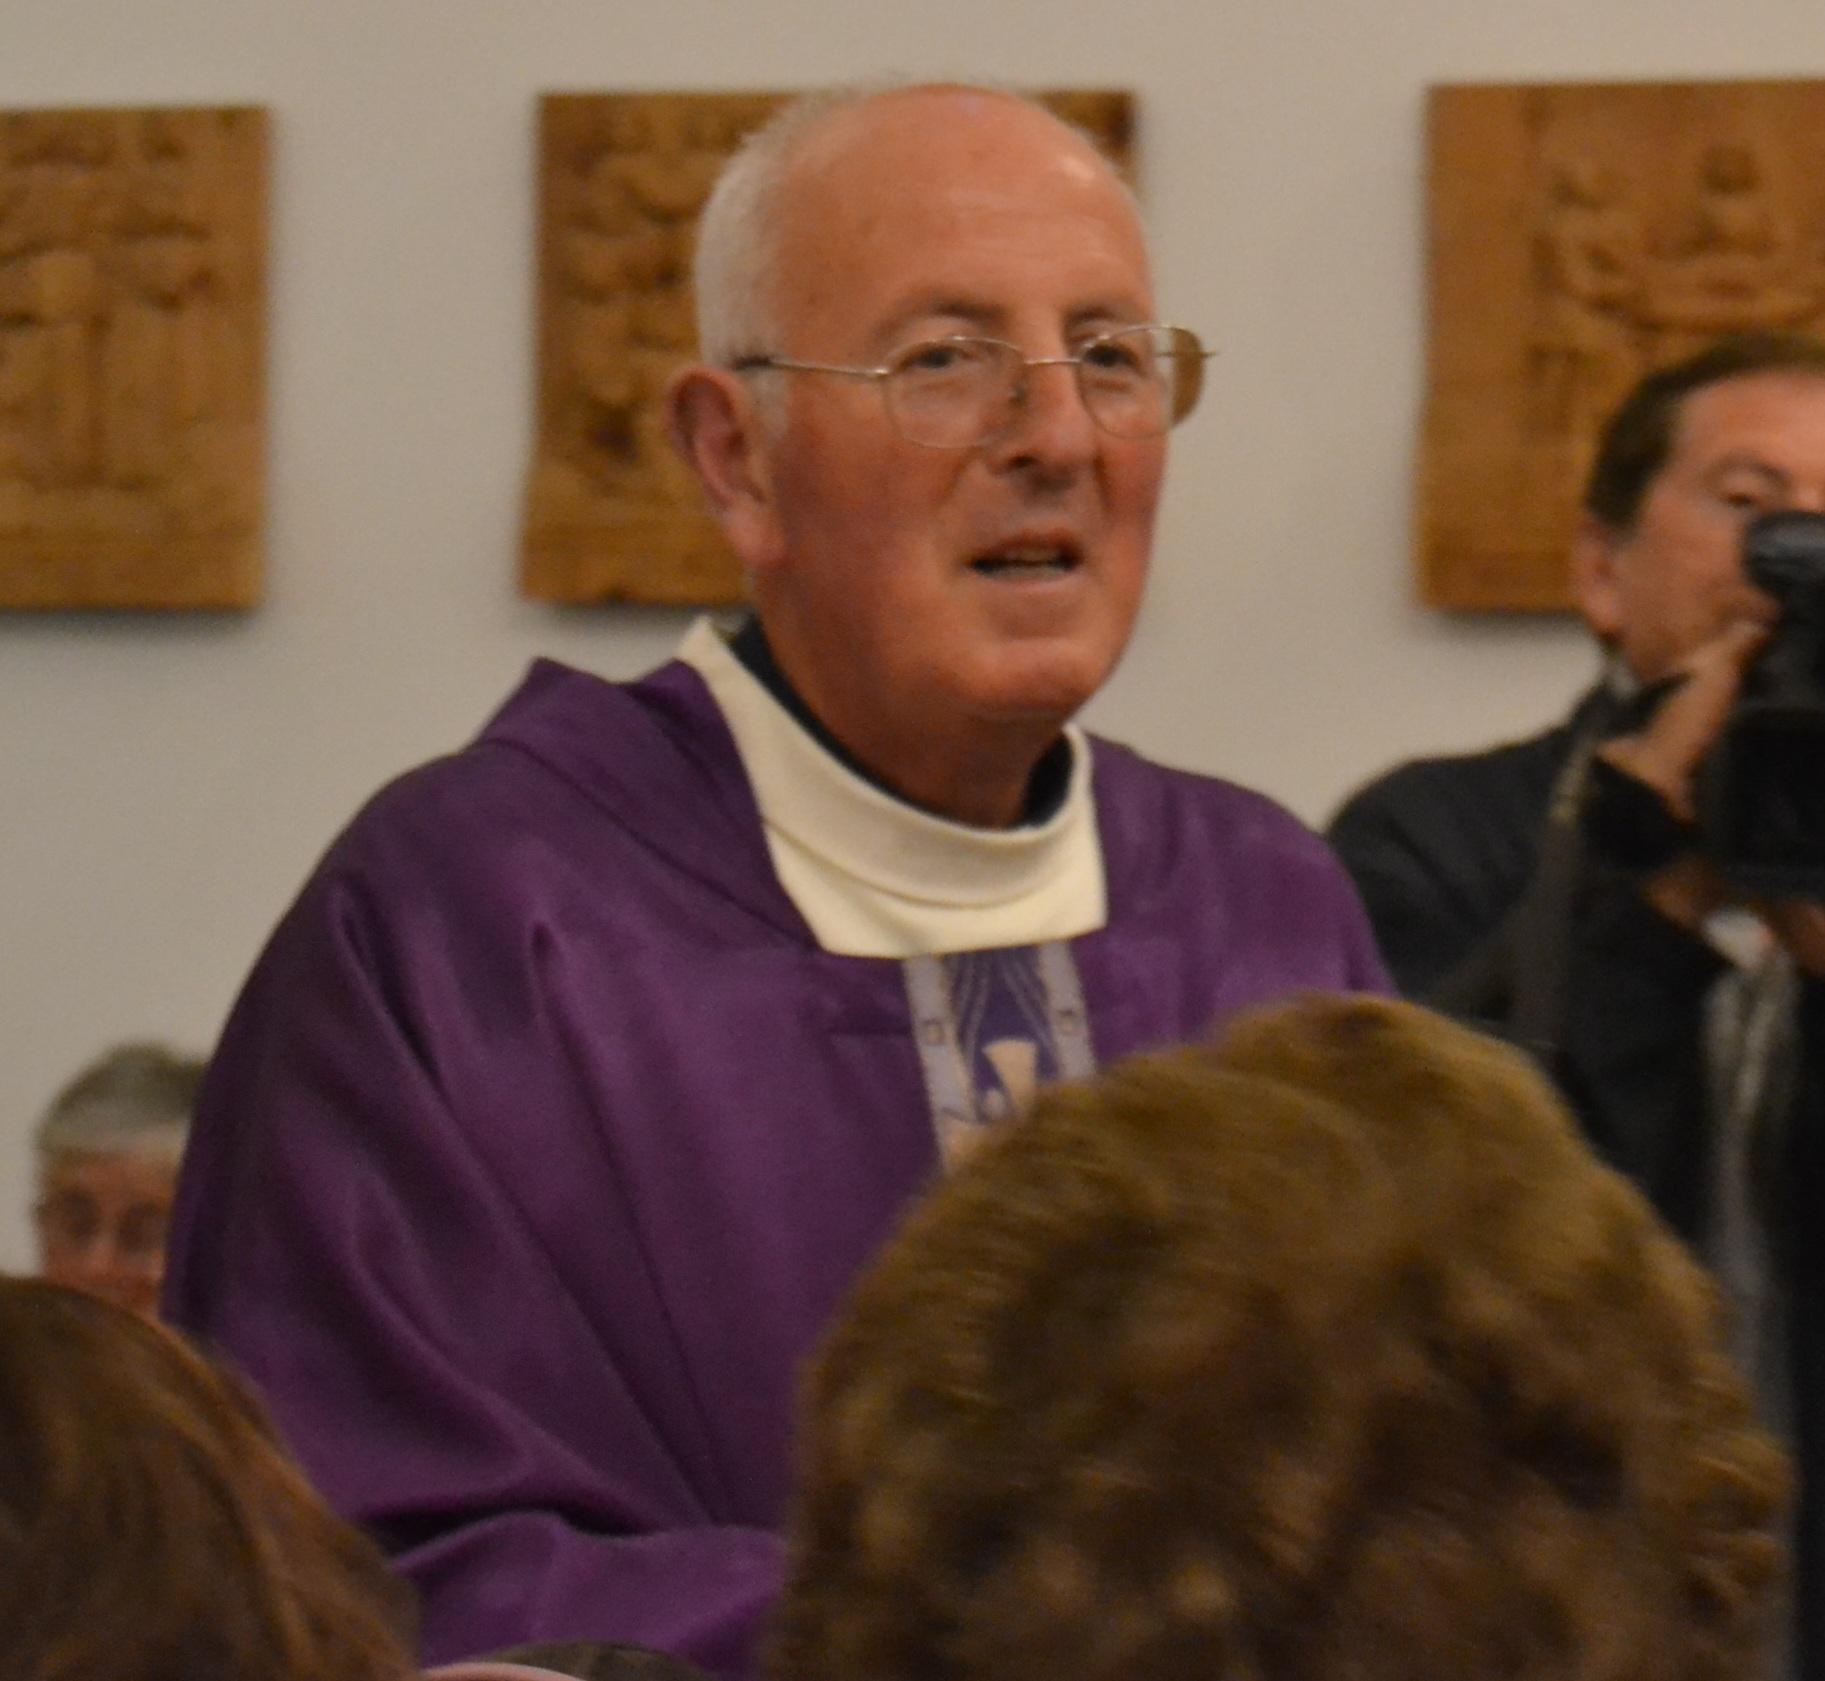 Capri festeggia I 25 anni di sacerdozio di Don Vincenzo Simeoli